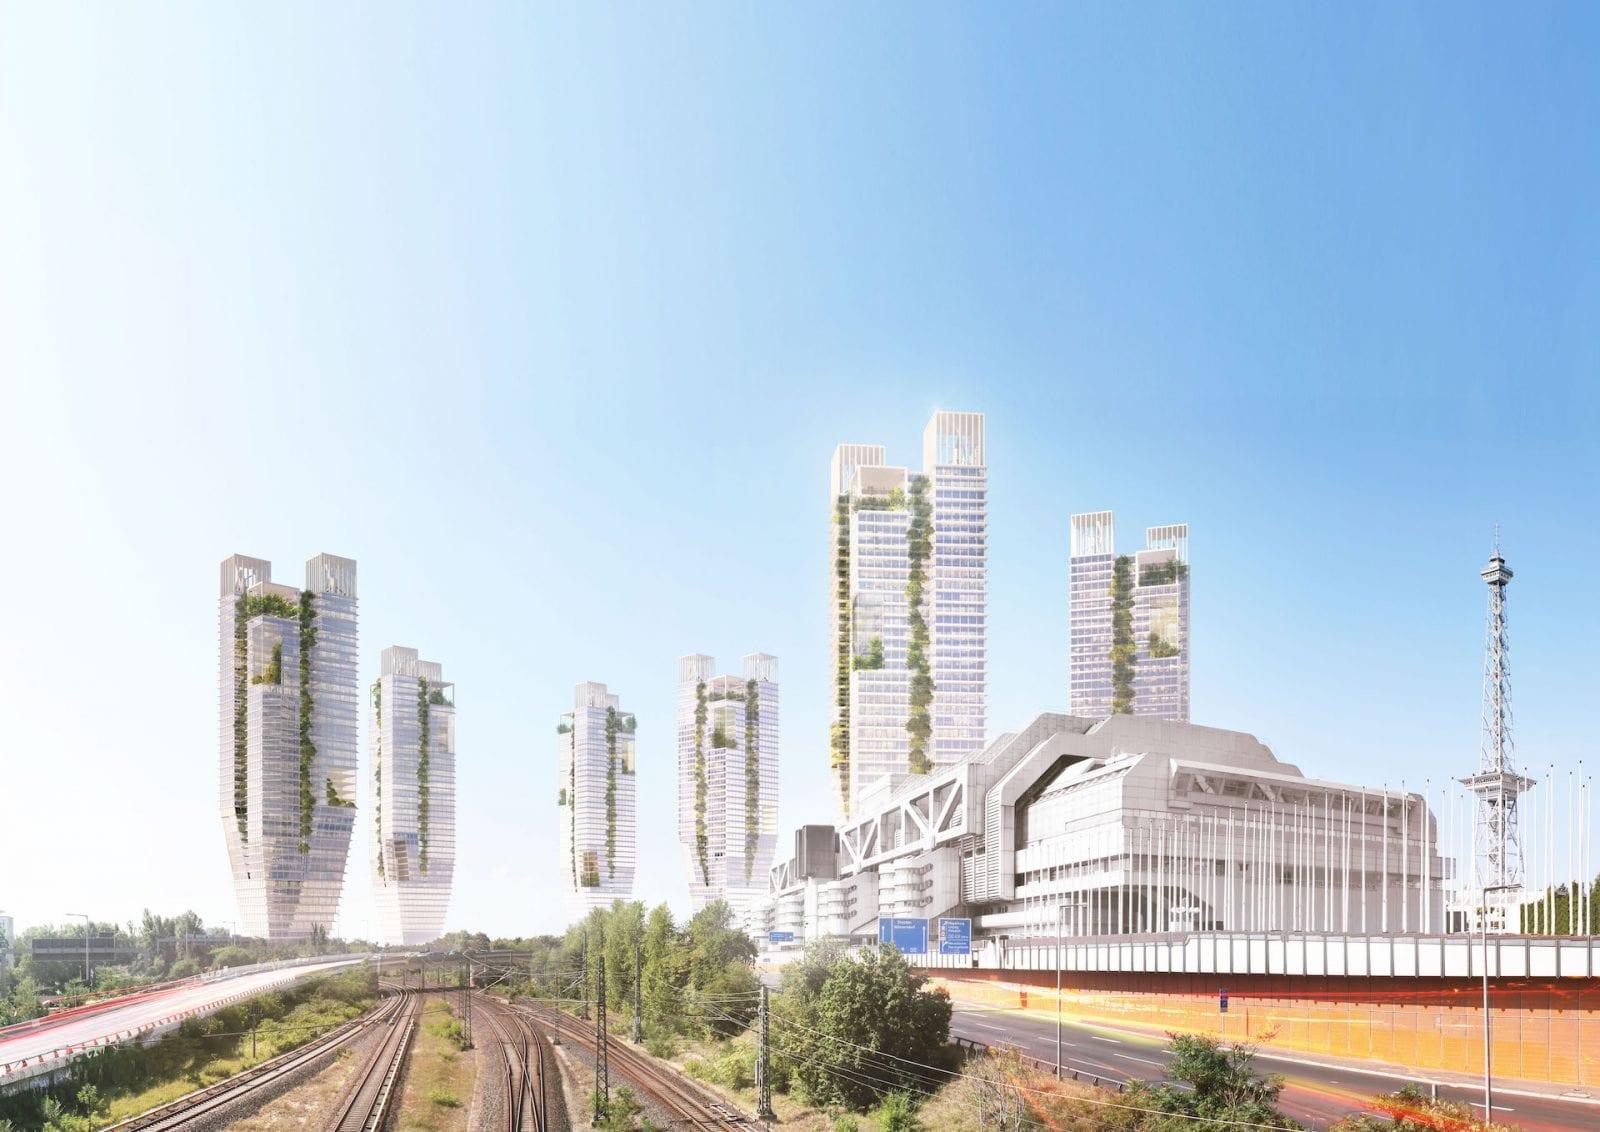 Entwurf für neun Hochhaus-Türme am S-Bahnhof Berlin-Westkreuz (Visualisierung: Copyright LANGHOF® Studio für Architektur)